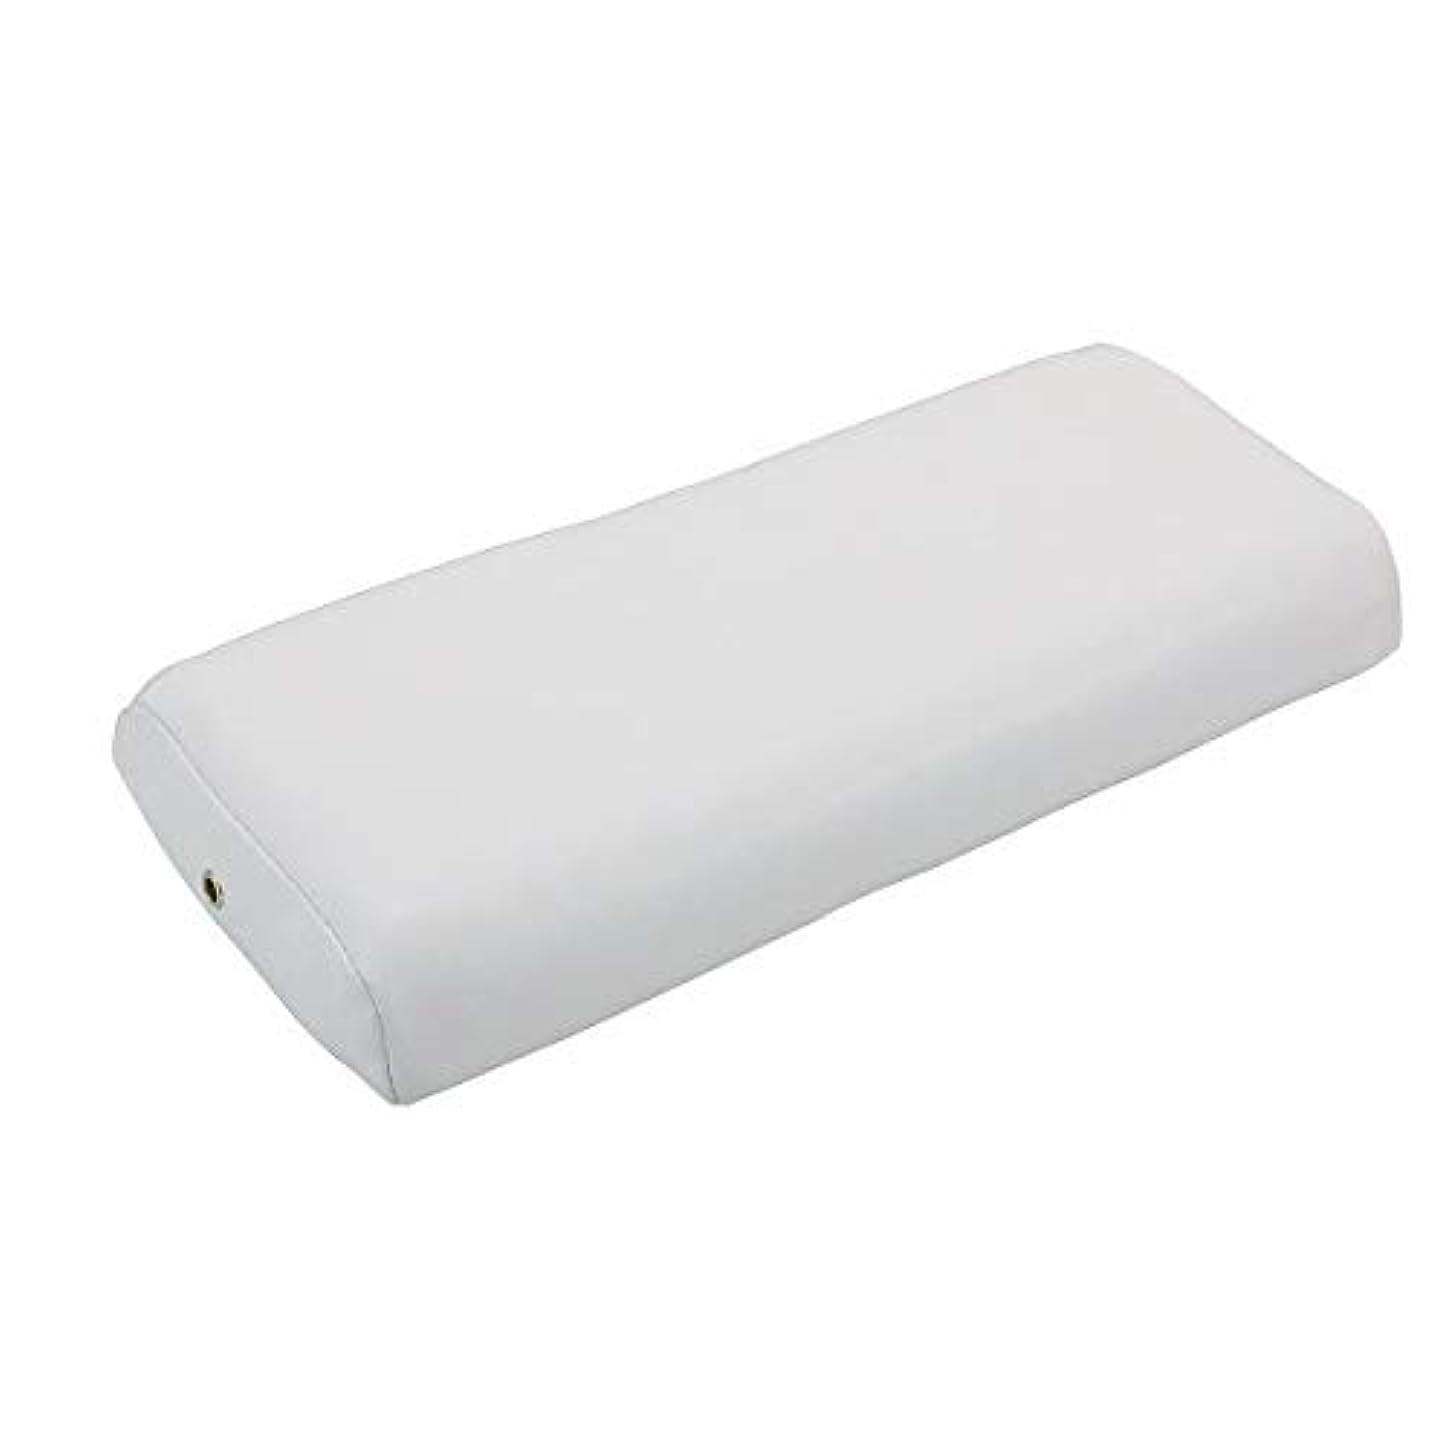 つまずくスコアスラダムNEOかどまる枕 FV-921 【 ホワイト 】 フェイスまくら フェイス枕 うつぶせ枕 マッサージ枕